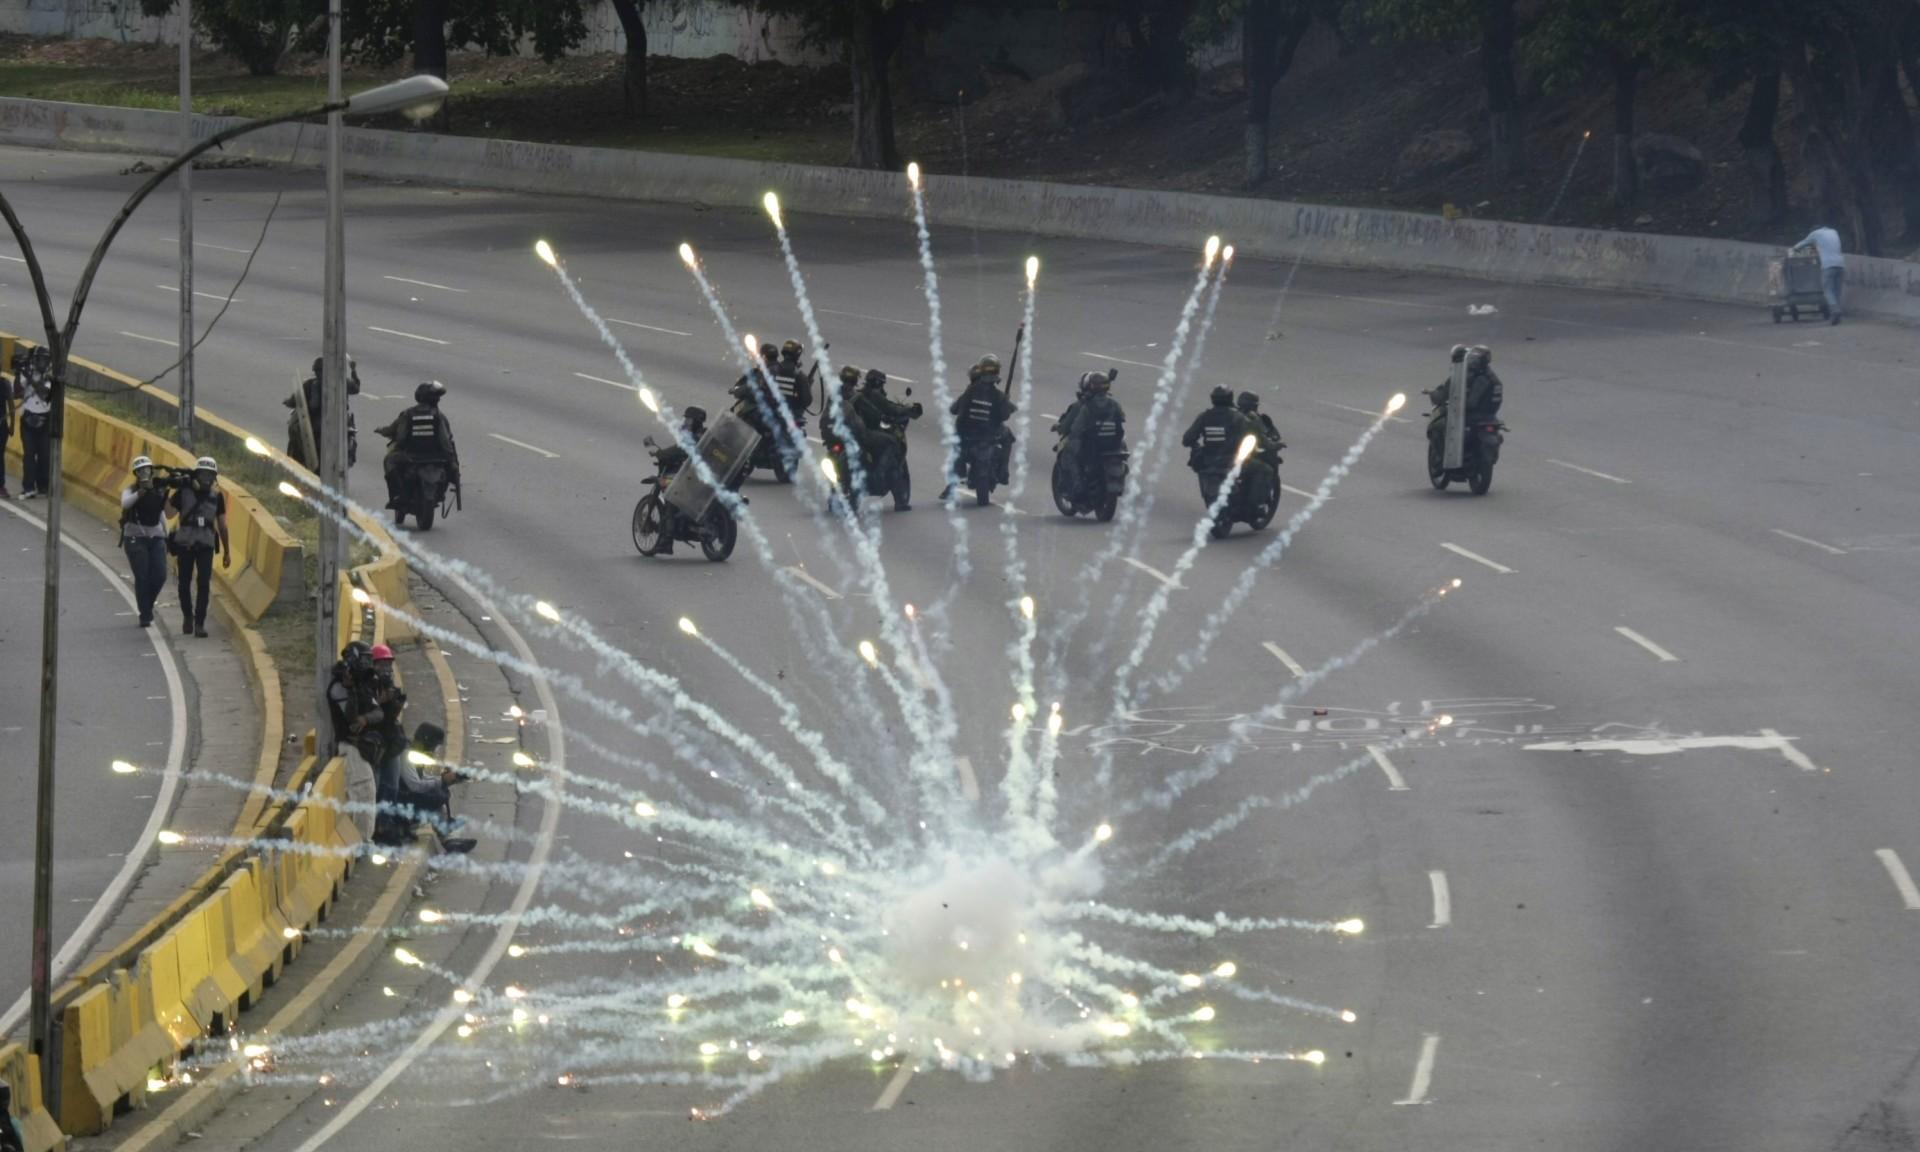 El hecho denunciado por Cabello no fue la primera vez que Llano capta escenas en que los manifestantes atacan a los oficiales, pese a que las imágenes perjudican el mensaje de paz de la oposición